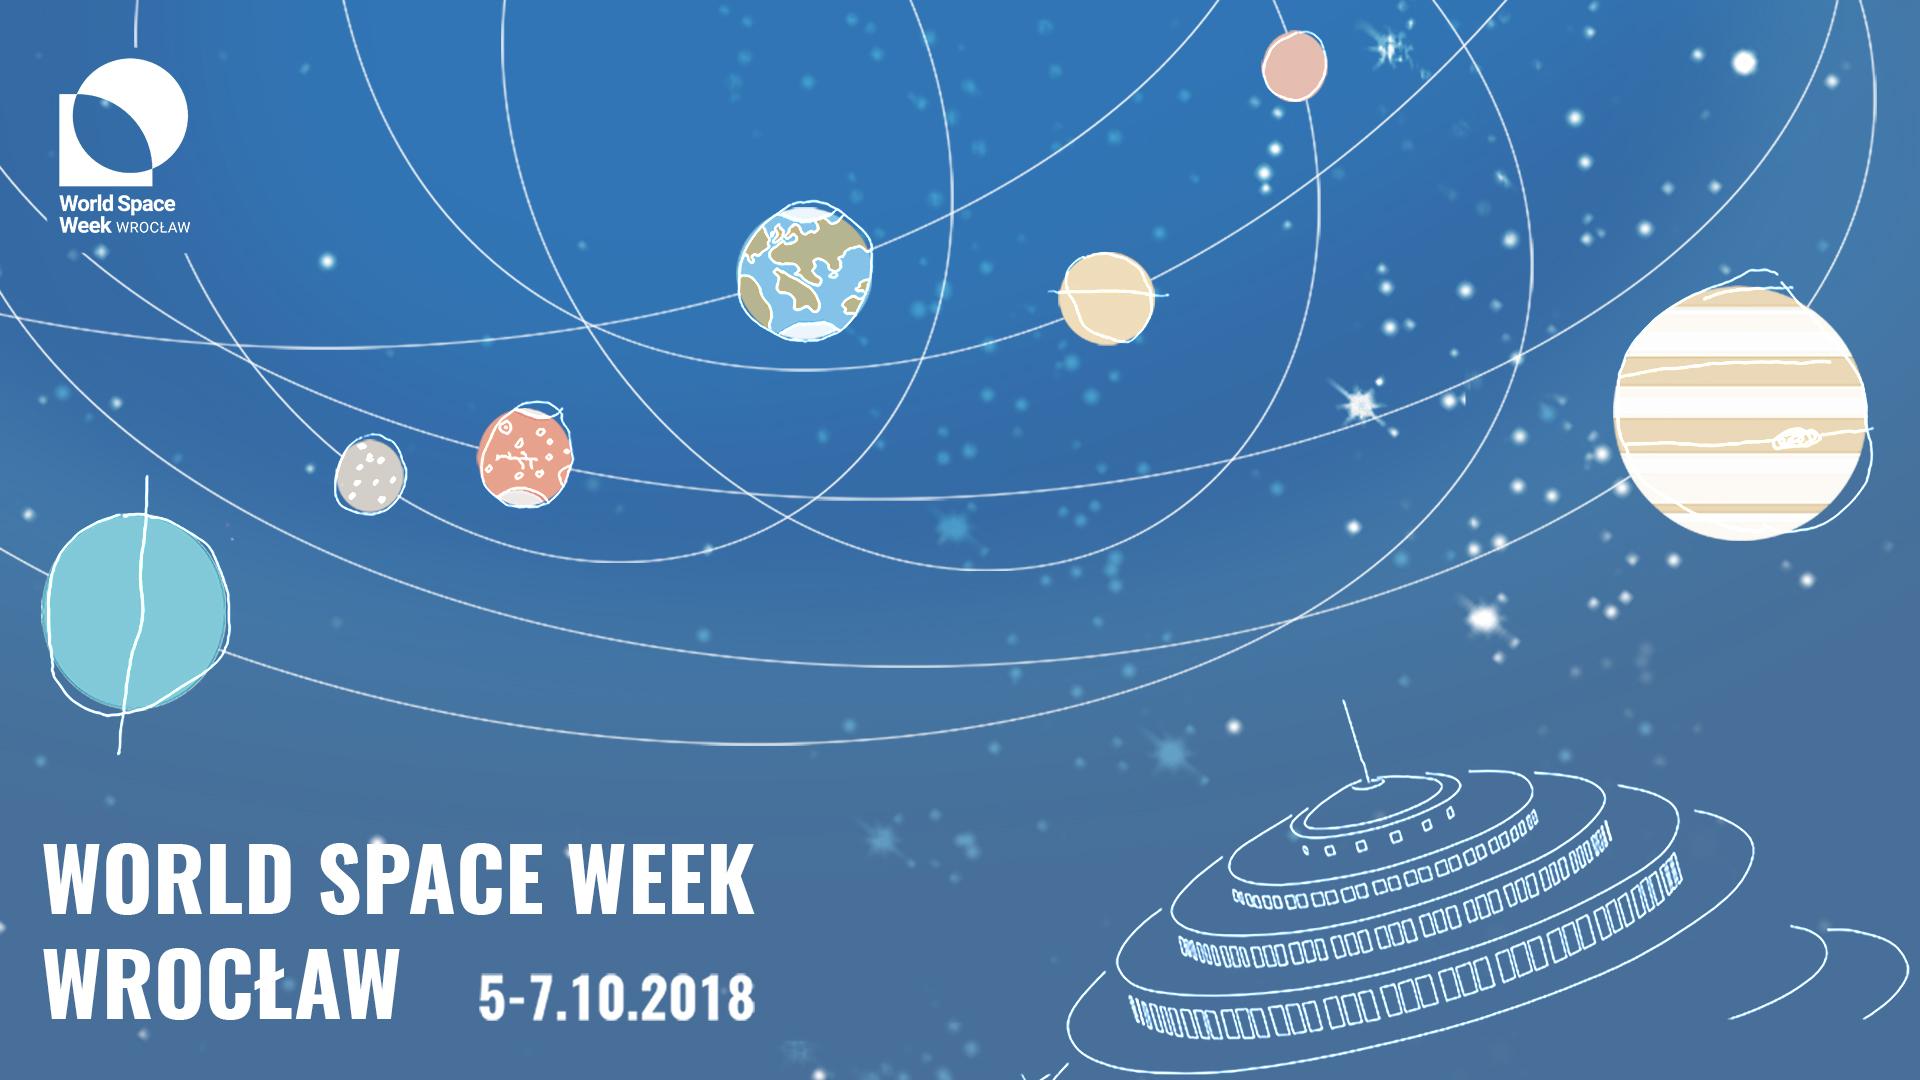 WSW2018-09-23 face wydarzenie (1)